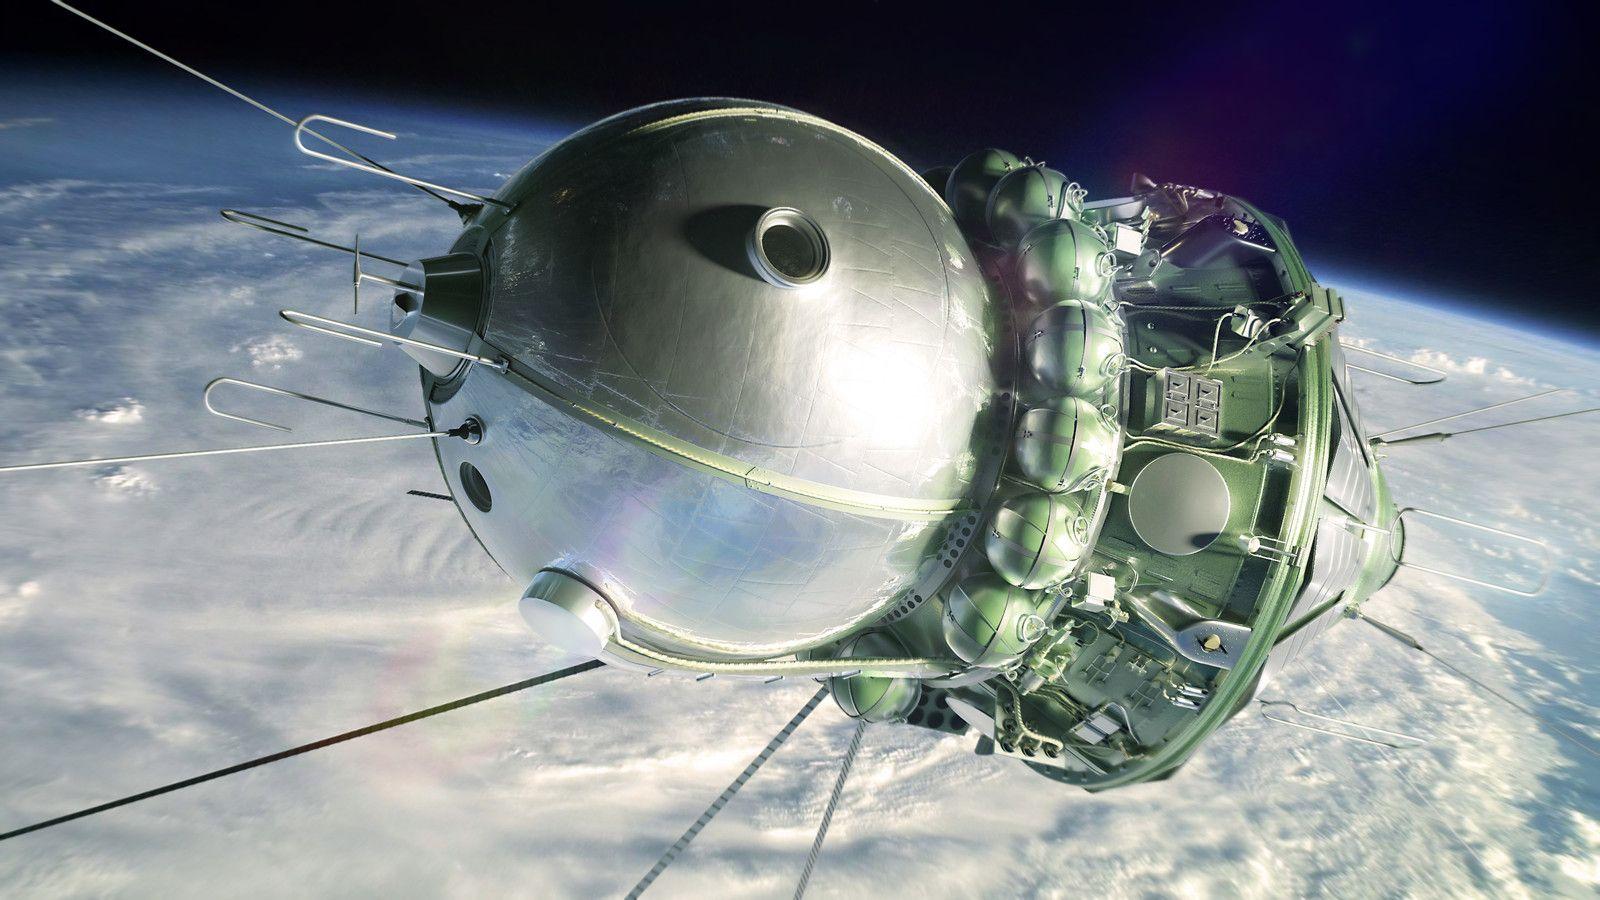 طرحی گرافیکی از فضاپیمای وستوک 1 شوروی